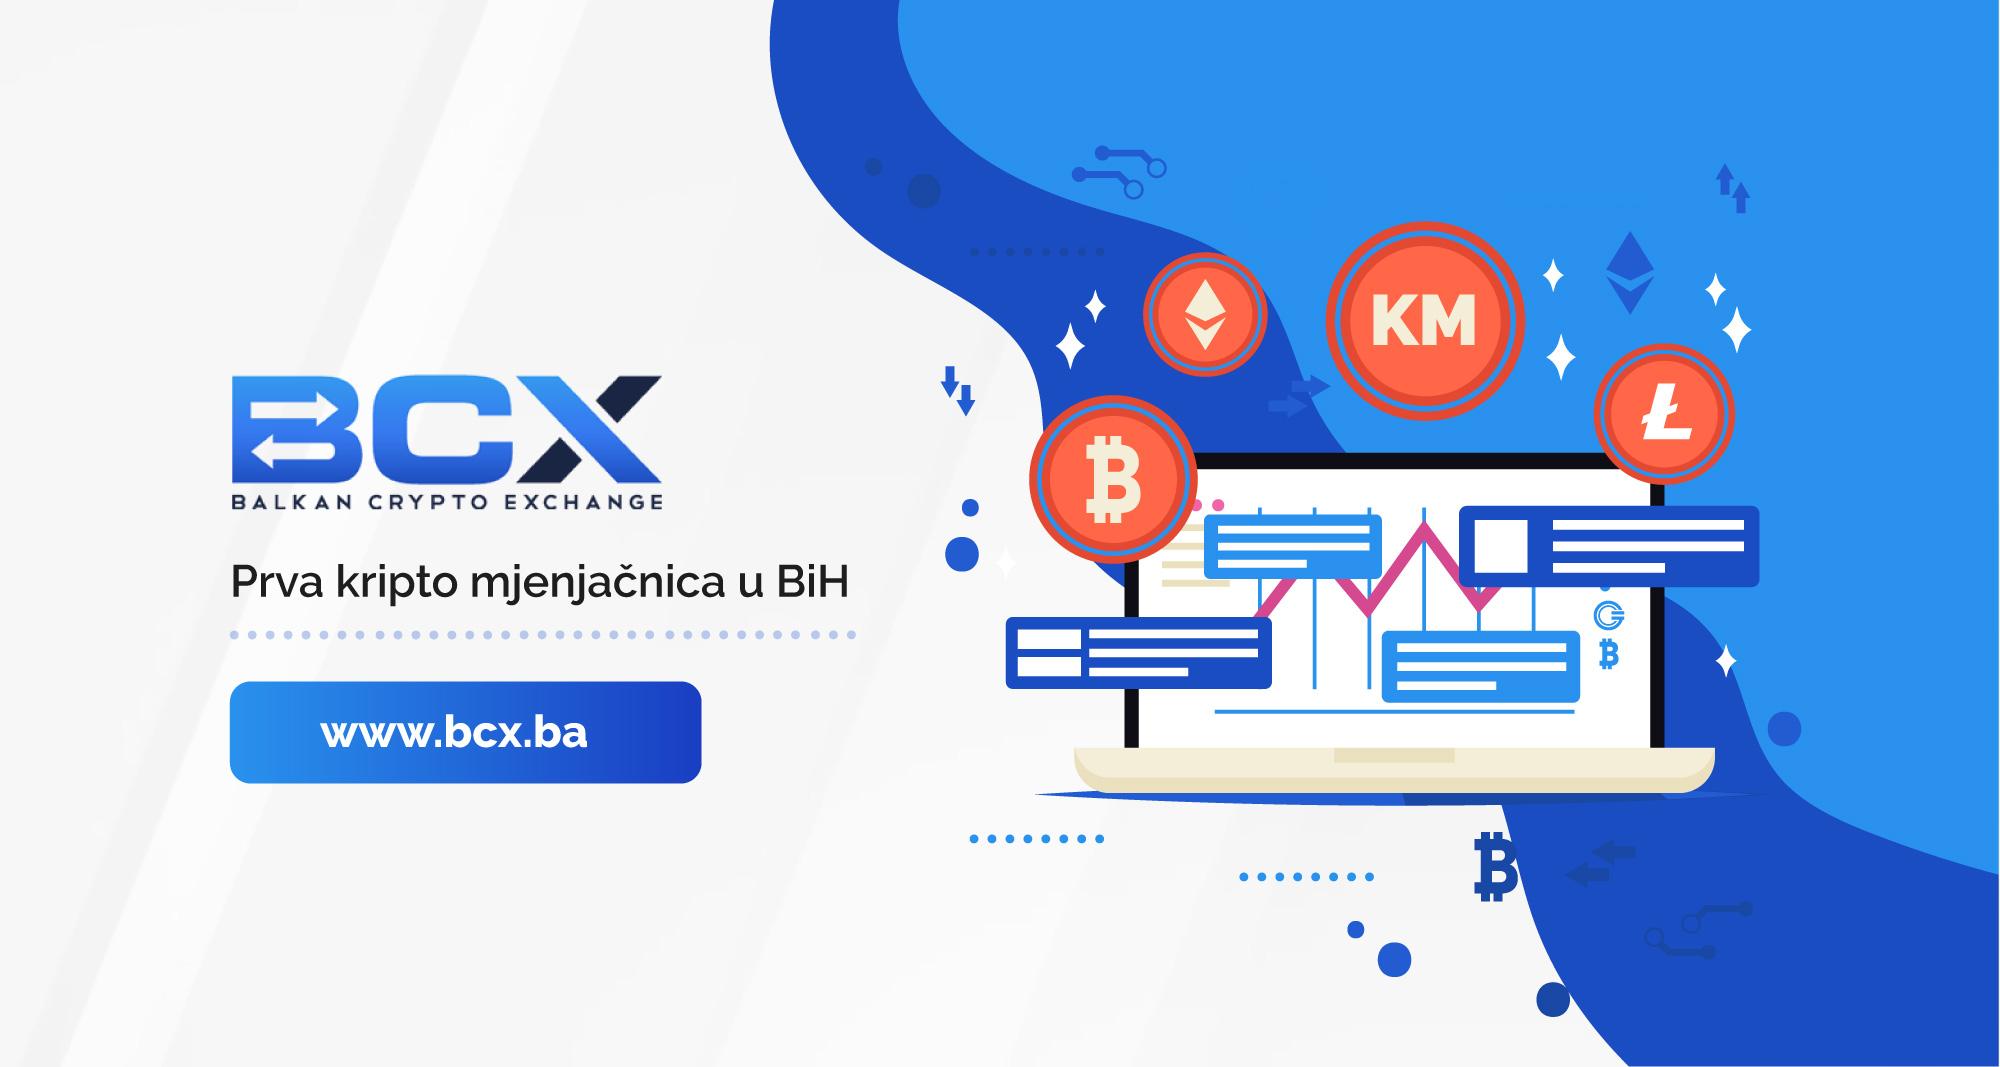 primjena kontinuirano trgovanje kriptovalutama ulaganje u blockchain i kriptovalute